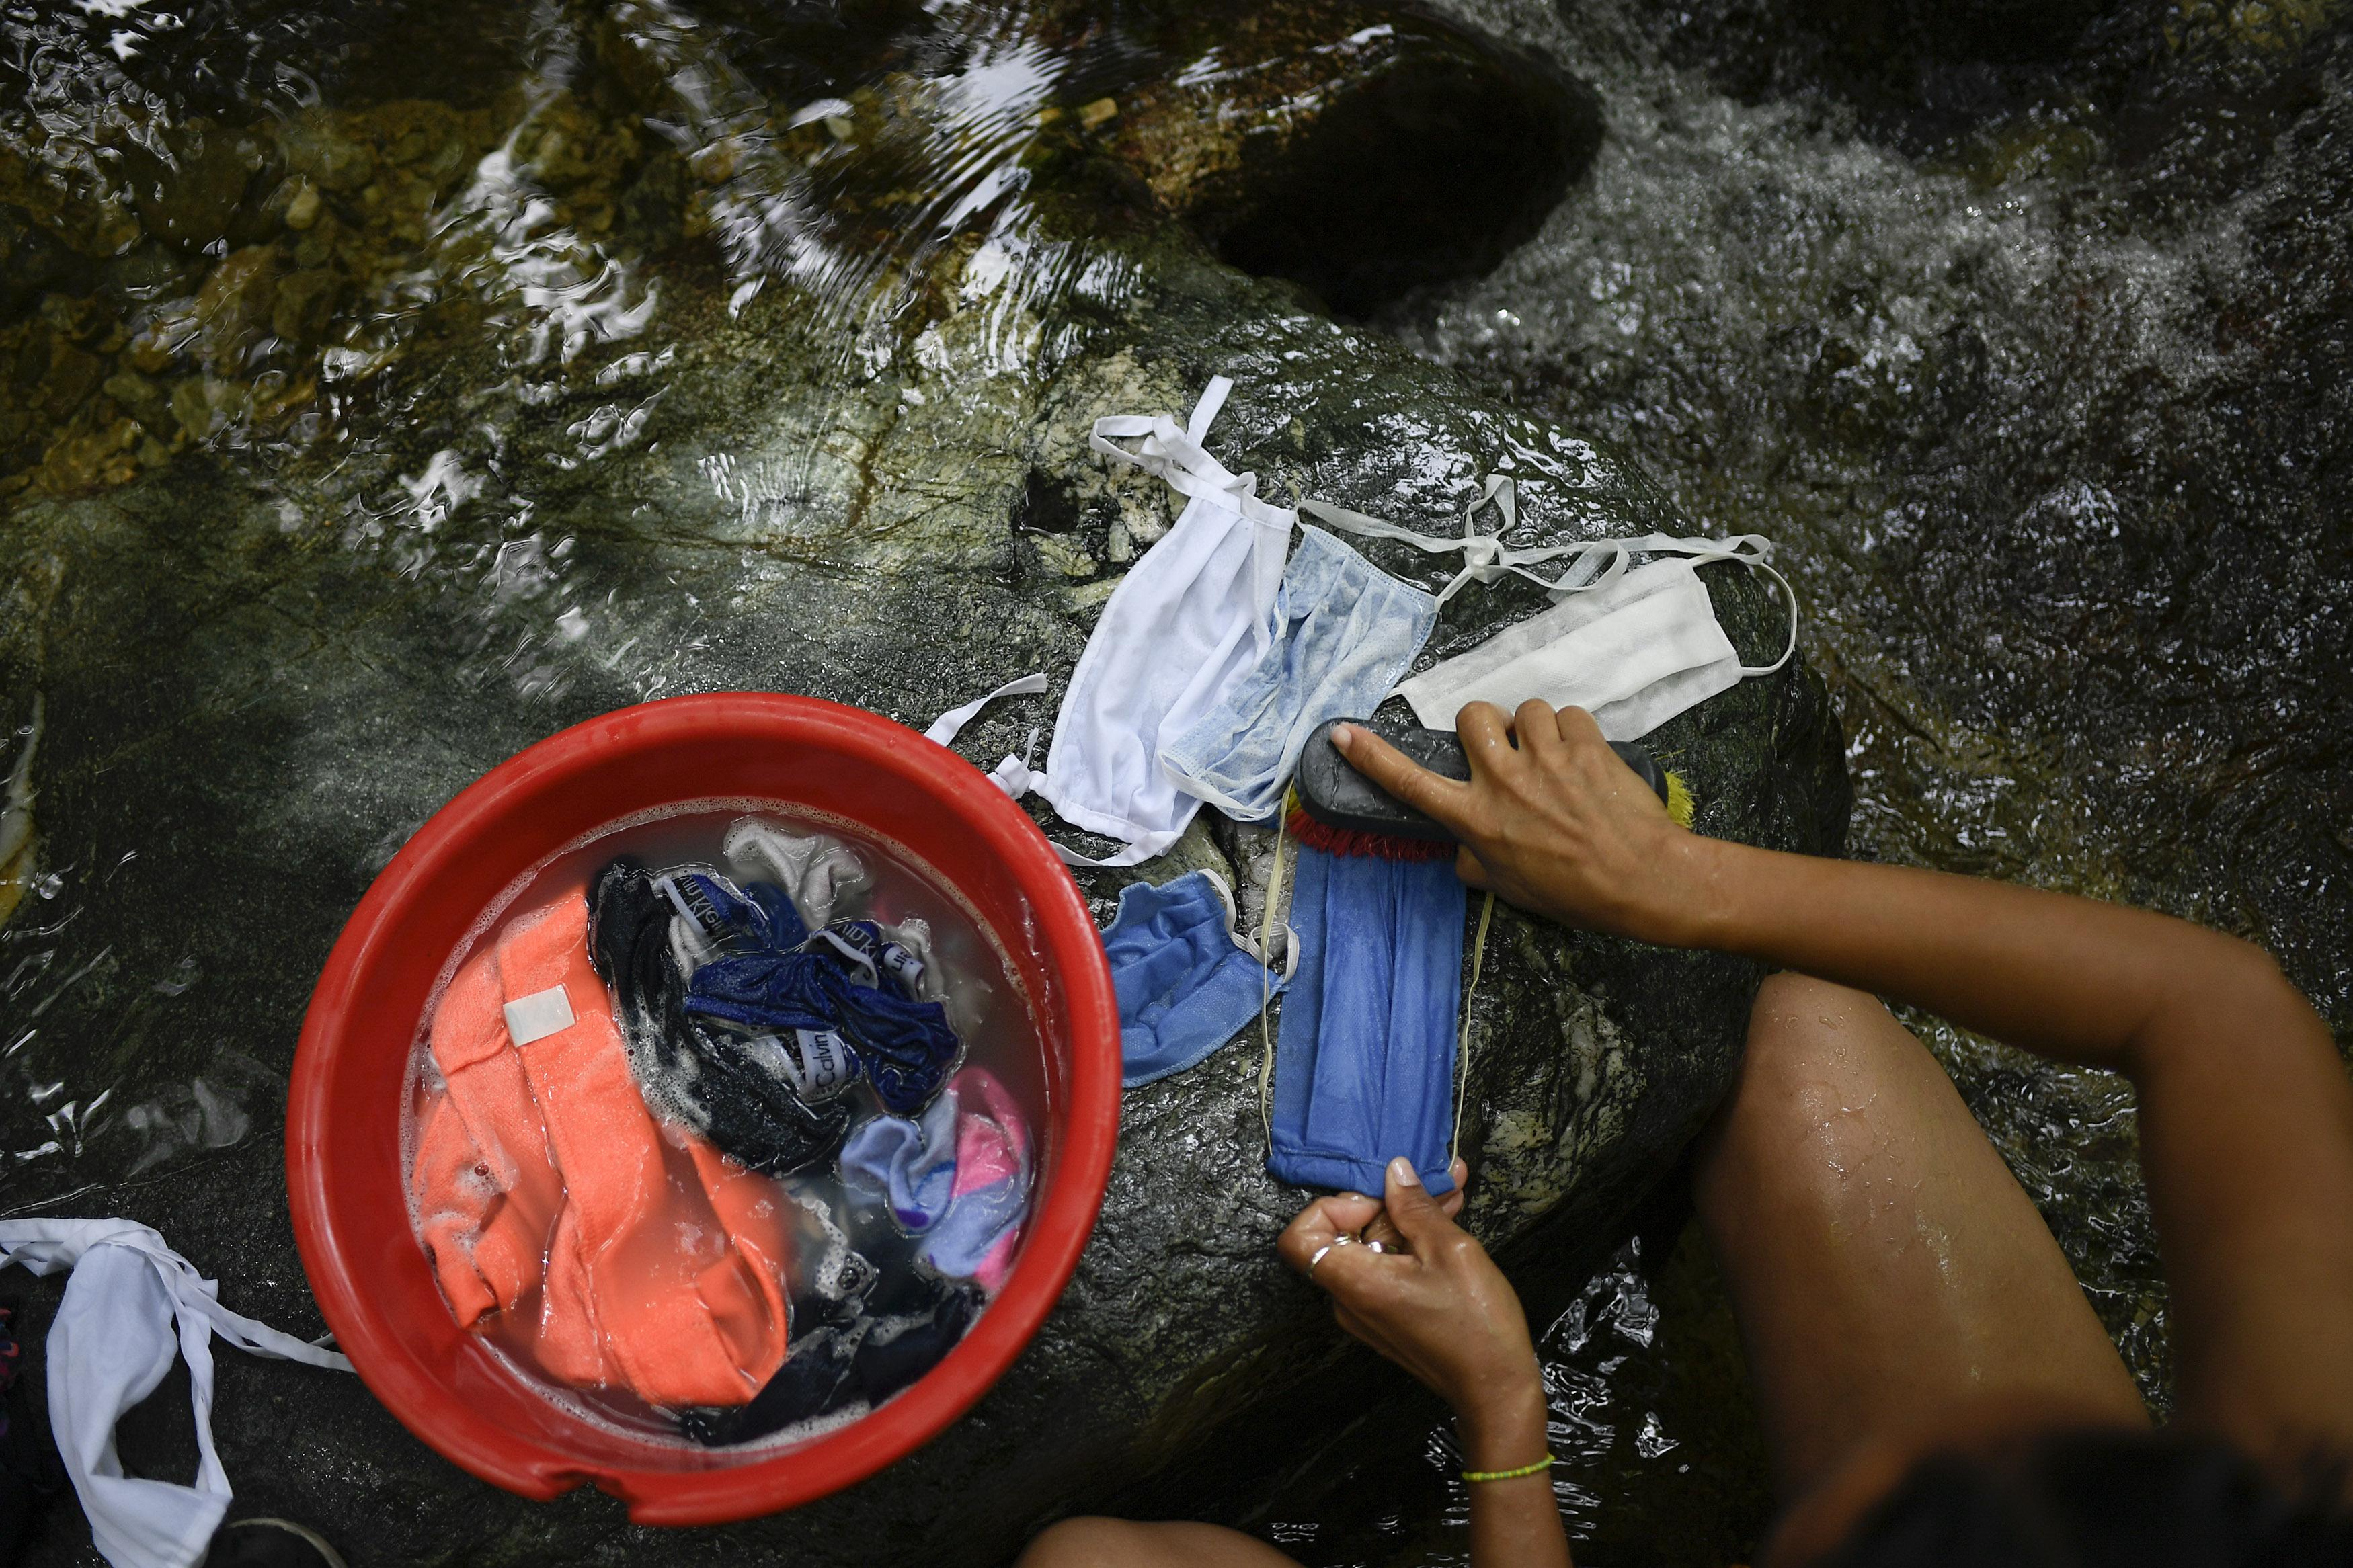 Una mujer lava sus mascarillas con agua corriente de la montaña Ávila, en Caracas, Venezuela, el 21 de junio de 2020. La crisis de agua no es nada nuevo en Venezuela, pero el agua es todavía más importante hoy en día por la pandemia del coronavirus. (AP Foto/Matías Delacroix)